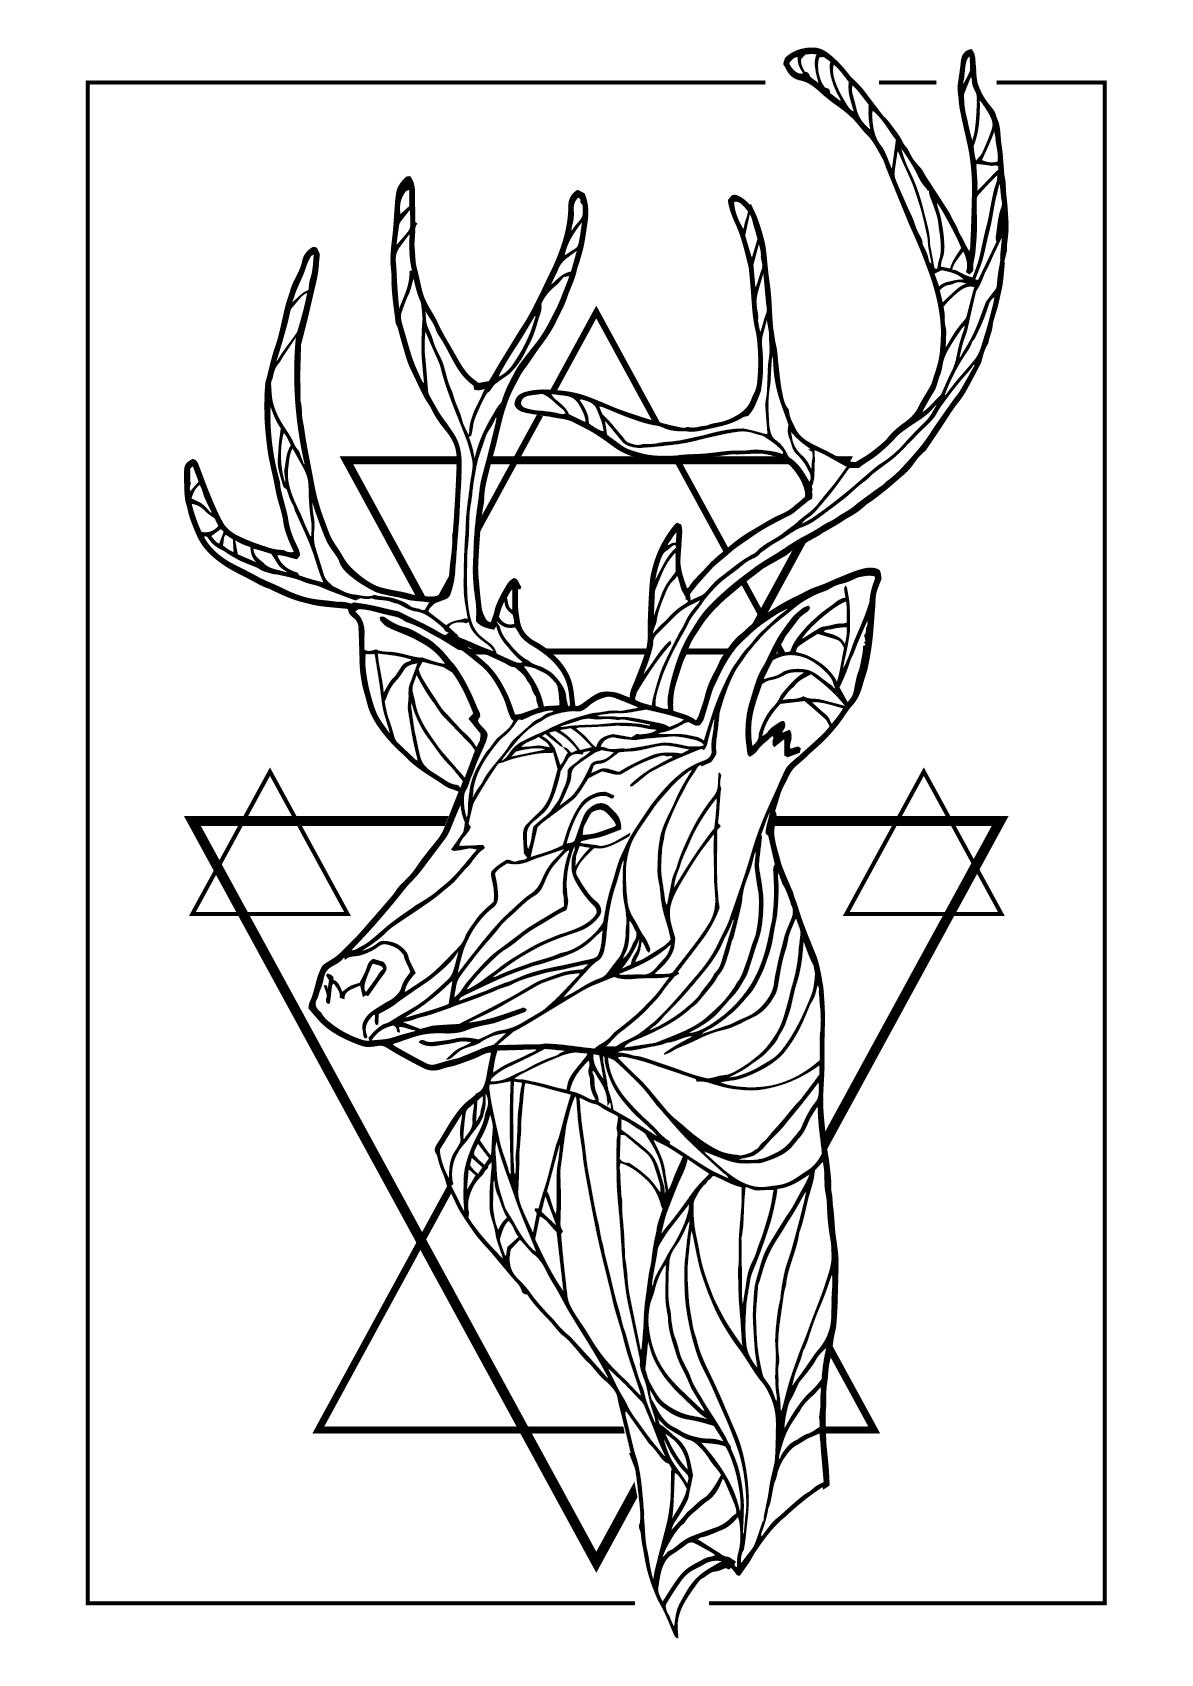 Wild Deer poster by Agapê #deer #triangles #poster #agape